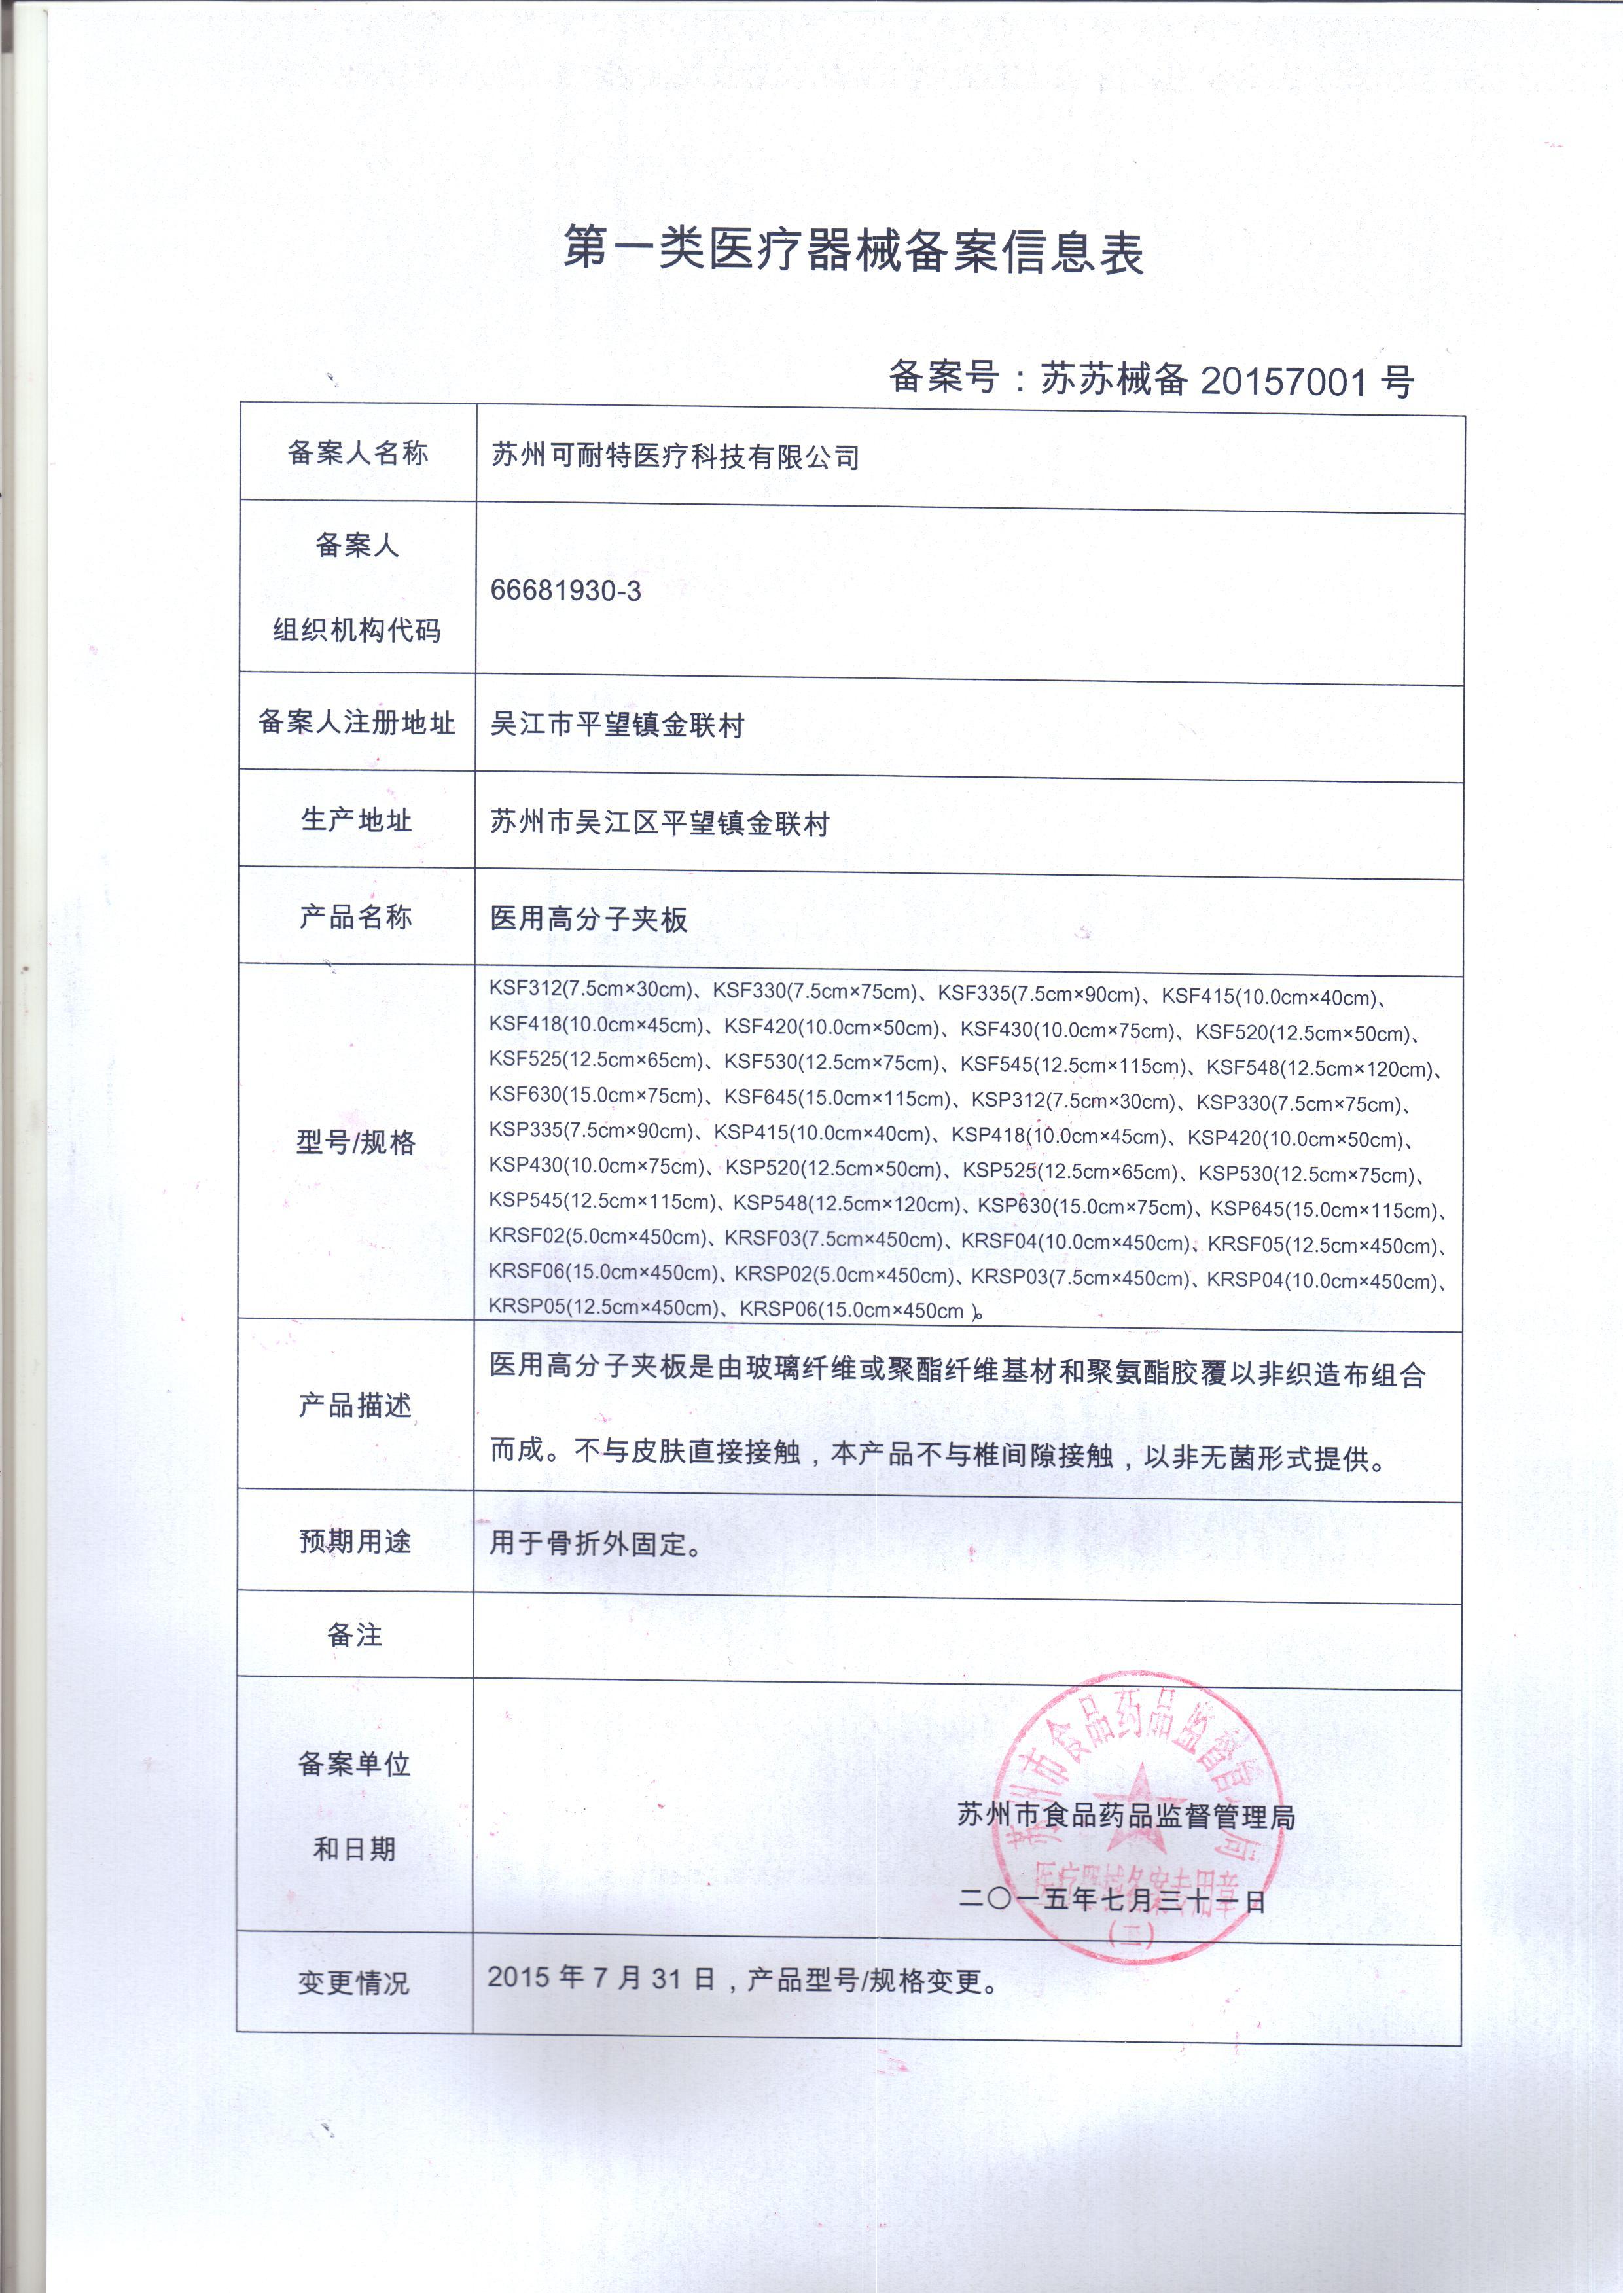 第一類醫療器械備案信息表_083606